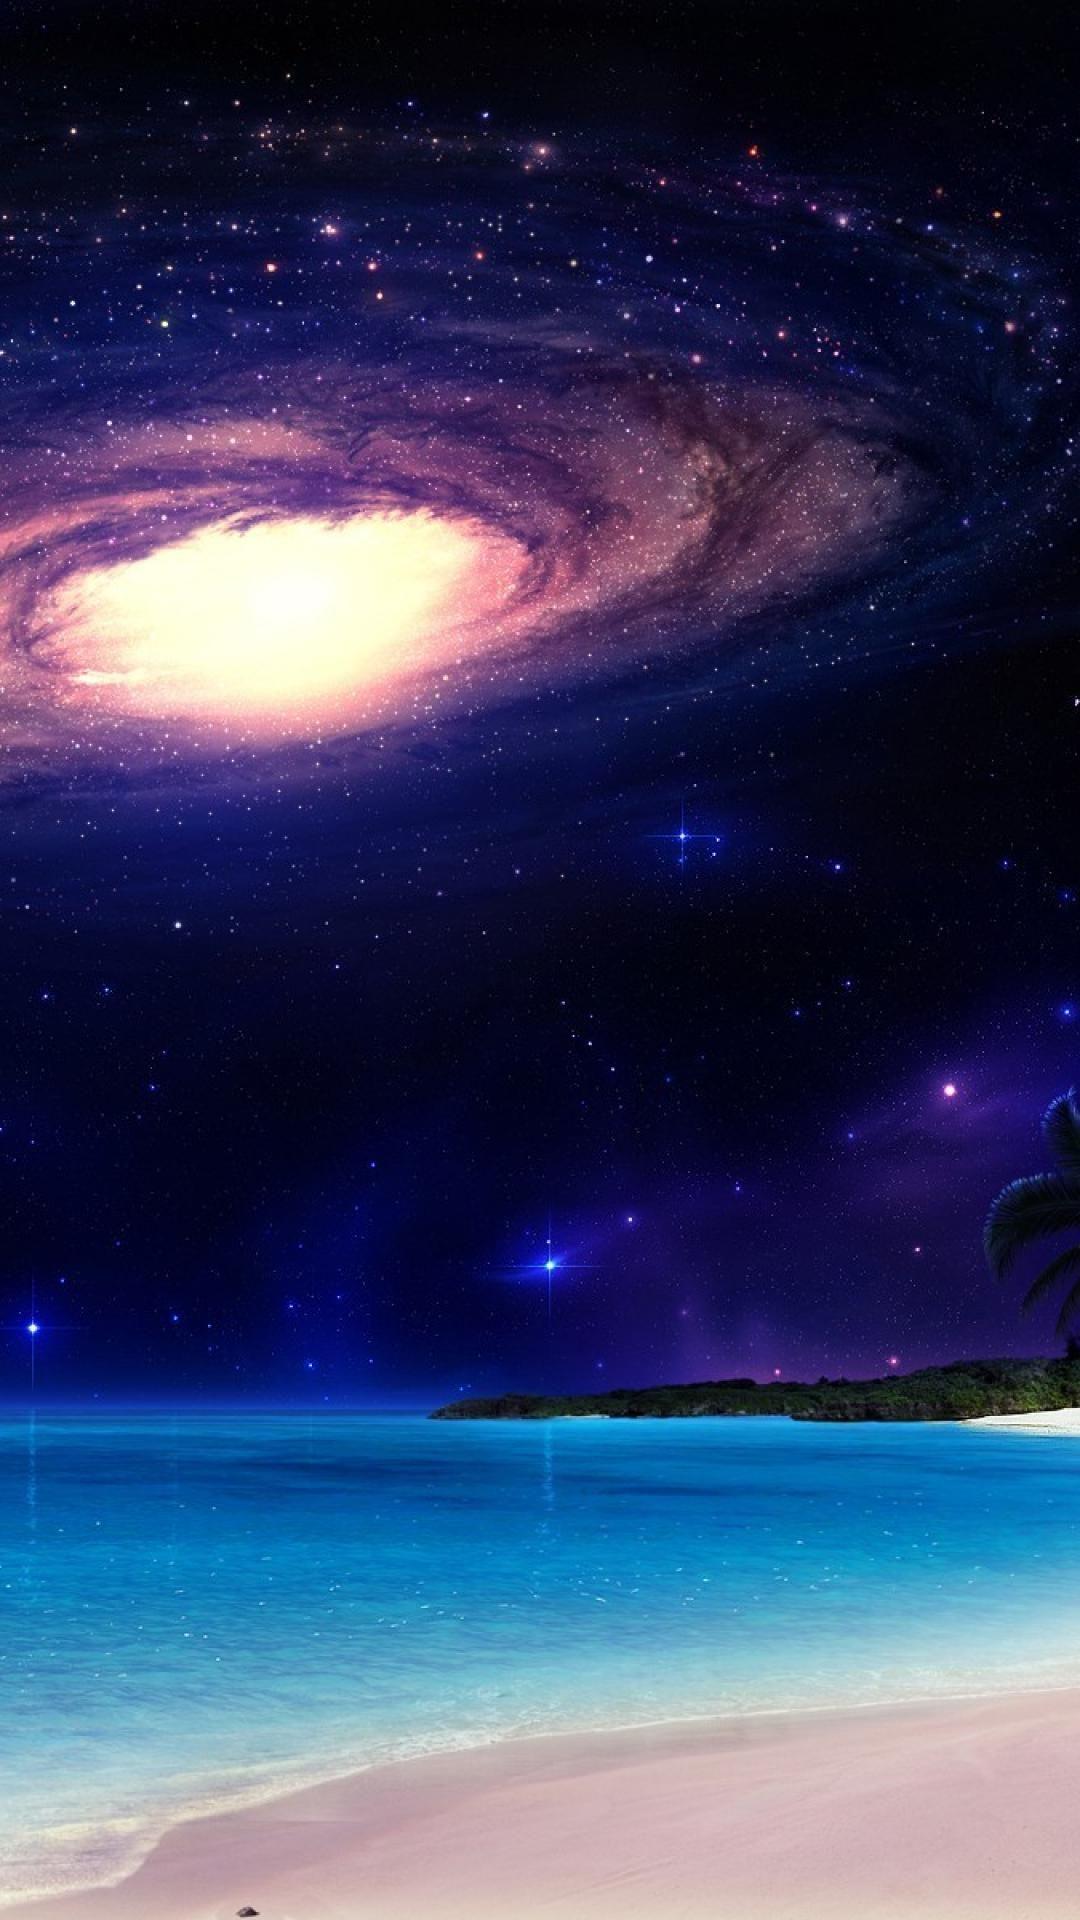 星空とビーチ 壁紙 星空 ビーチの壁紙